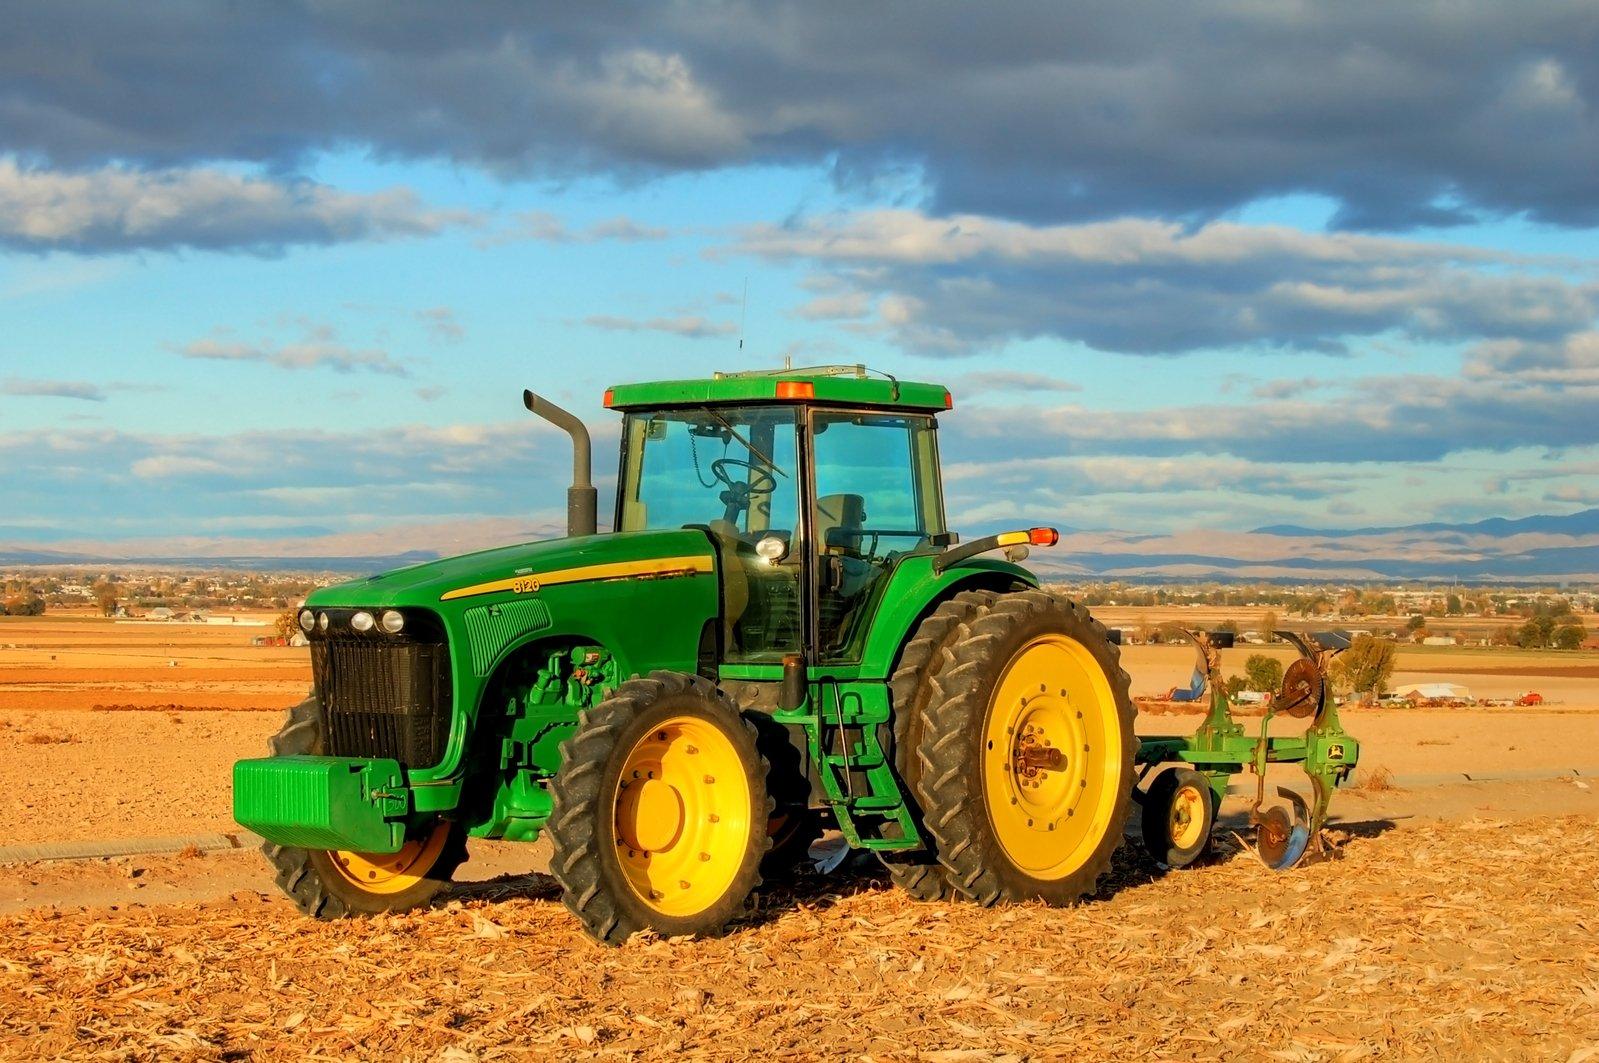 деньги под залог сельскохозяйственной техники где взять микрозайм онлайн без отказа